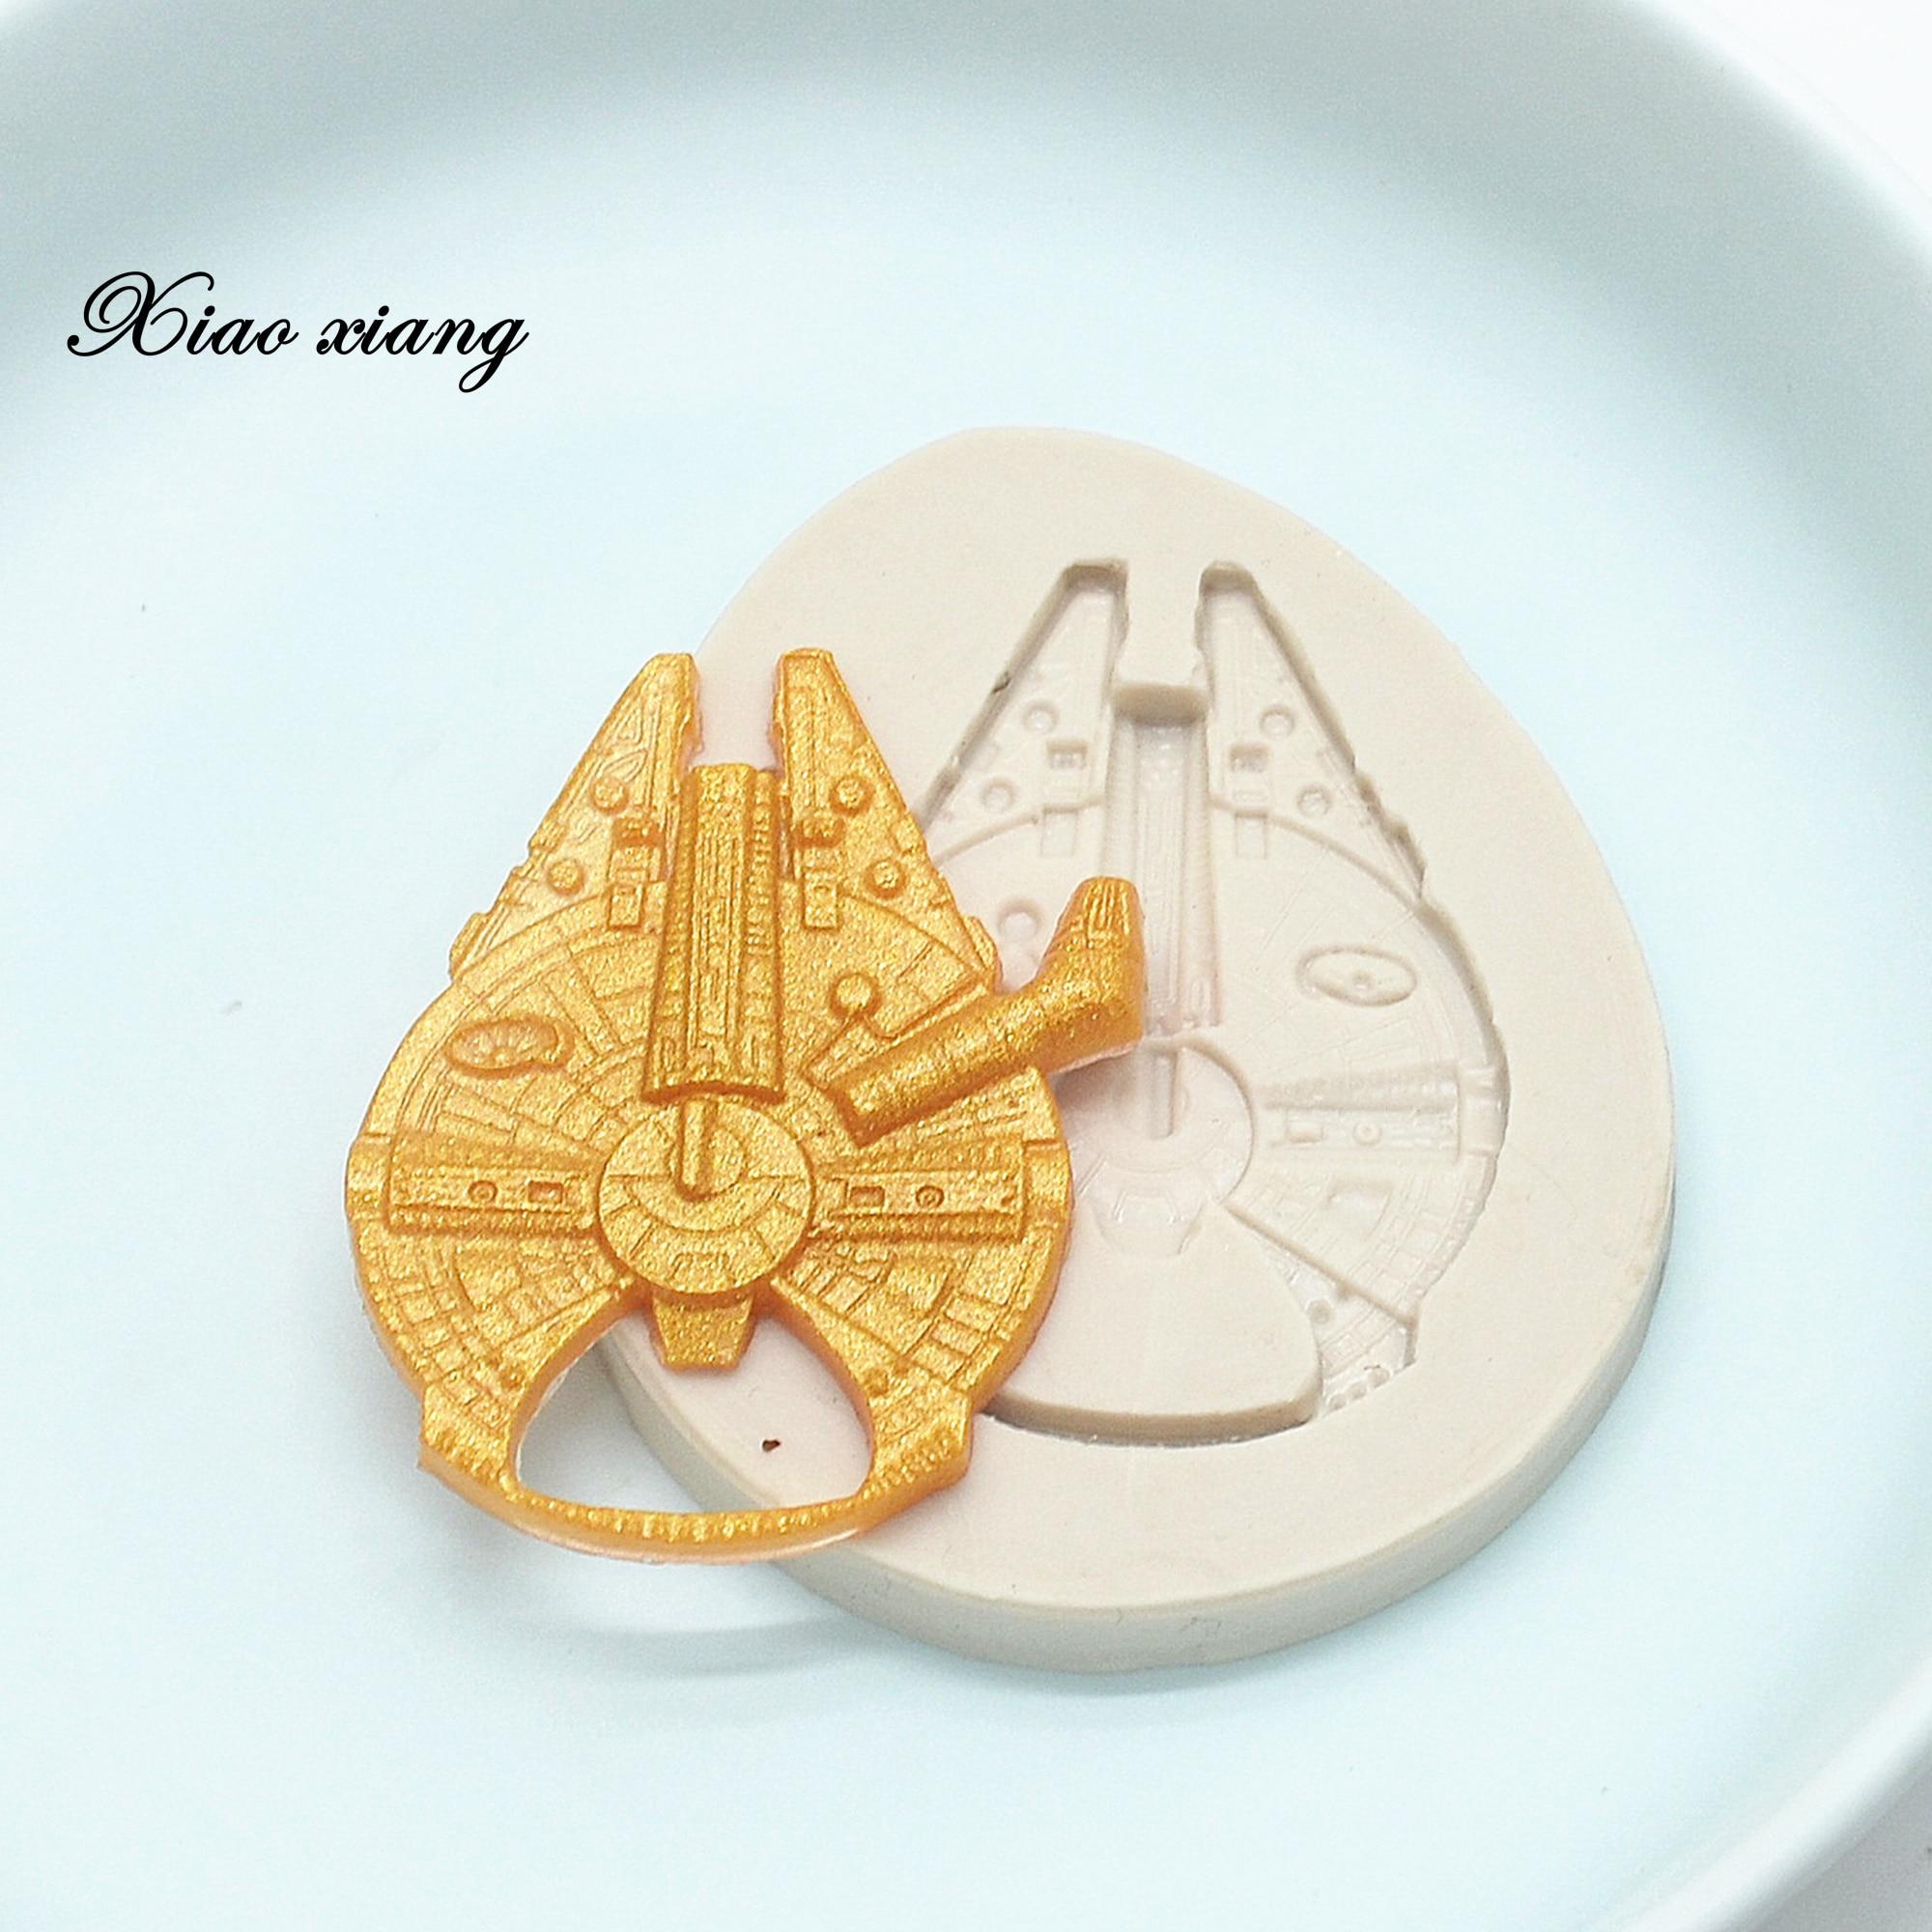 3D космический корабль, силиконовые формы для помадки, формы для выпечки шоколада, смолы, инструменты для украшения тортов, кондитерские изд...